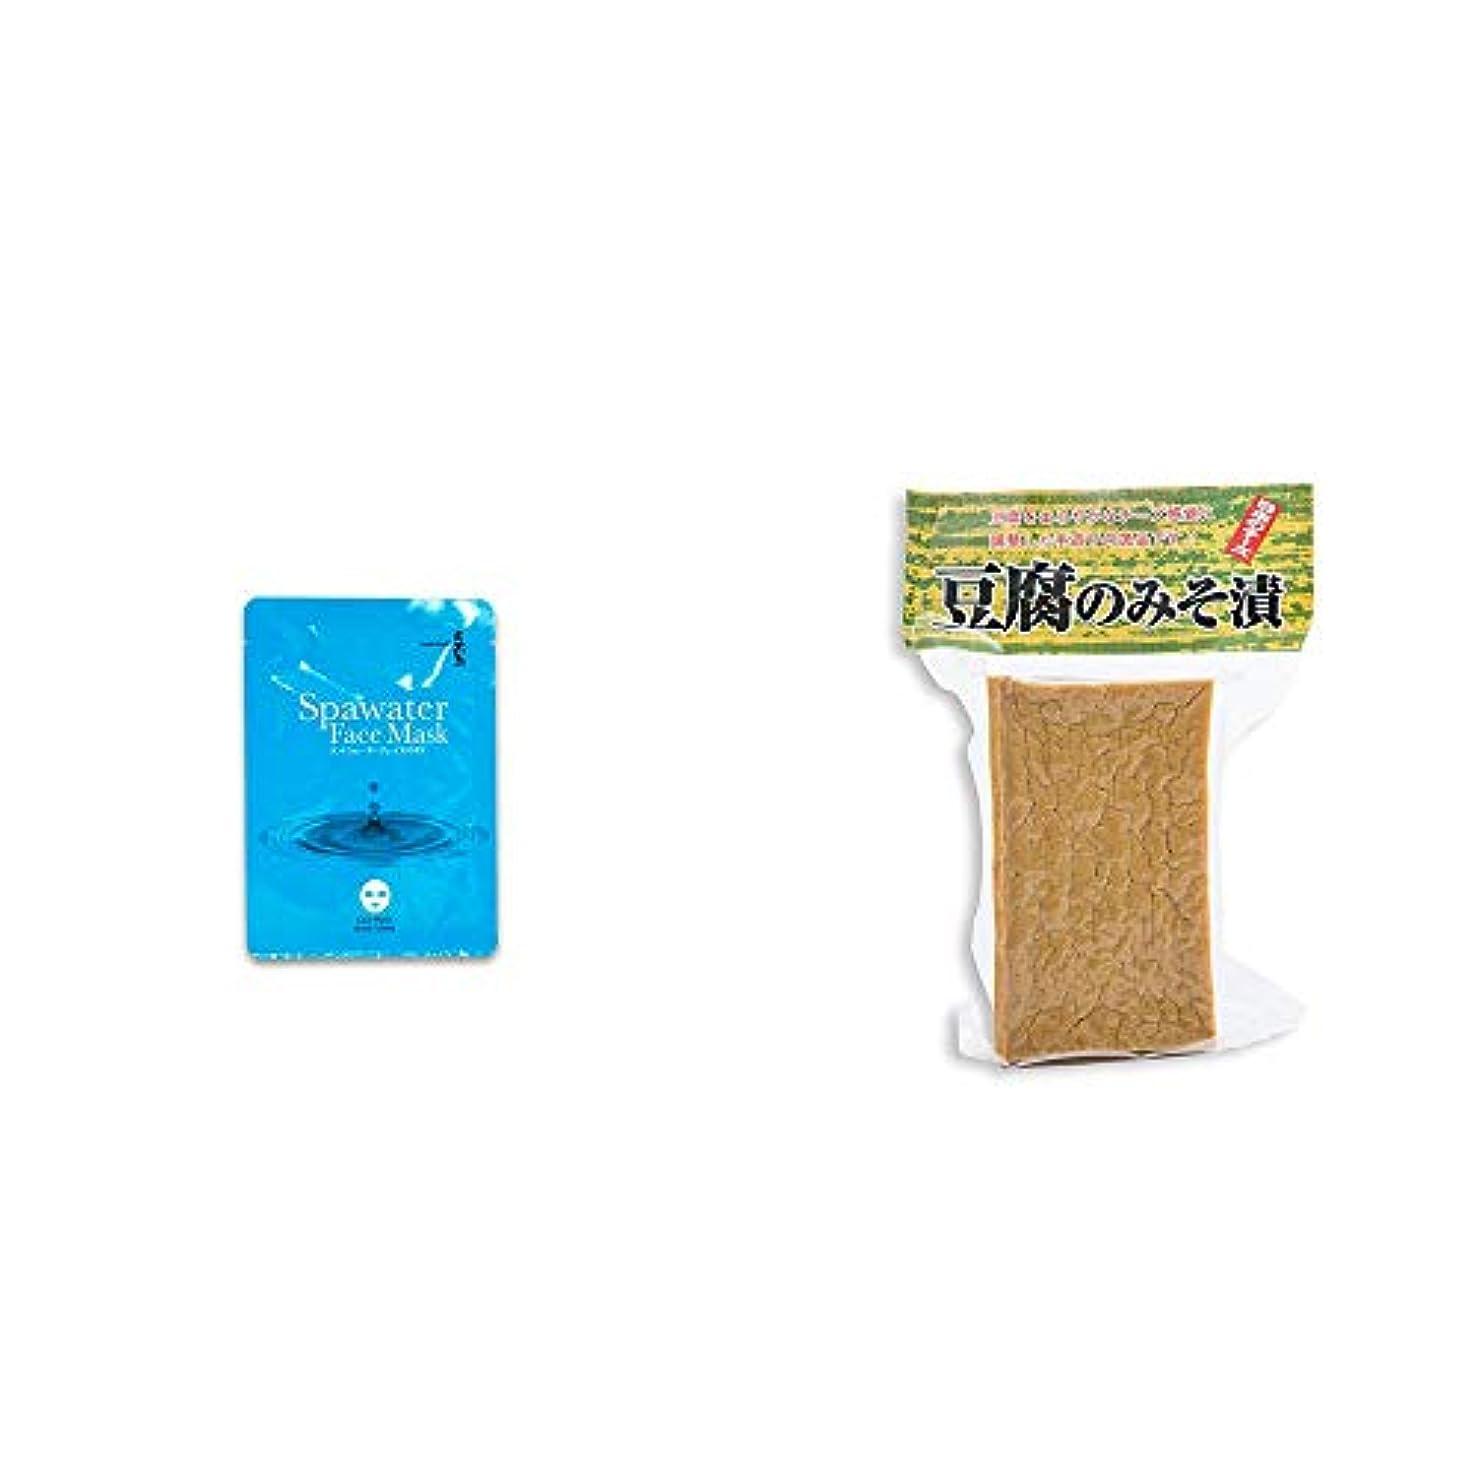 不健全複雑ロンドン[2点セット] ひのき炭黒泉 スパウォーターフェイスマスク(18ml×3枚入)?日本のチーズ 豆腐のみそ漬(1個入)